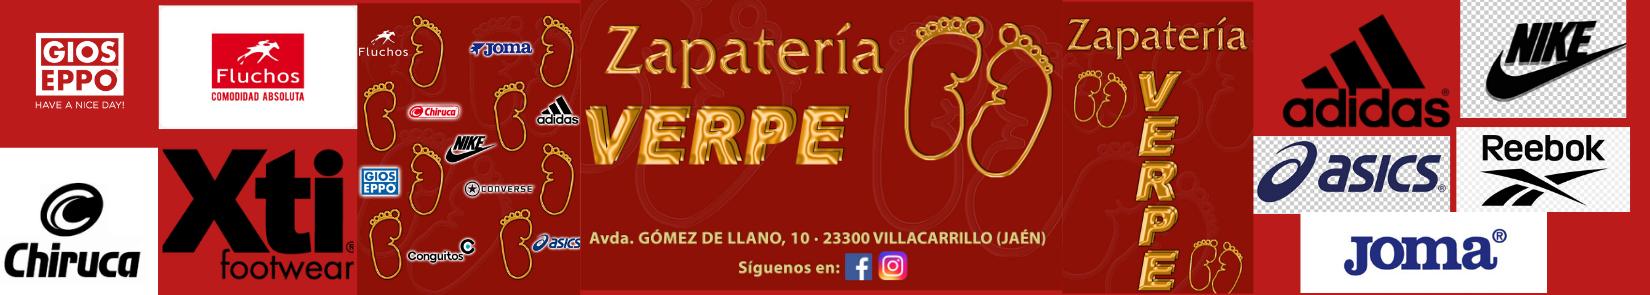 Zapatería Verpe